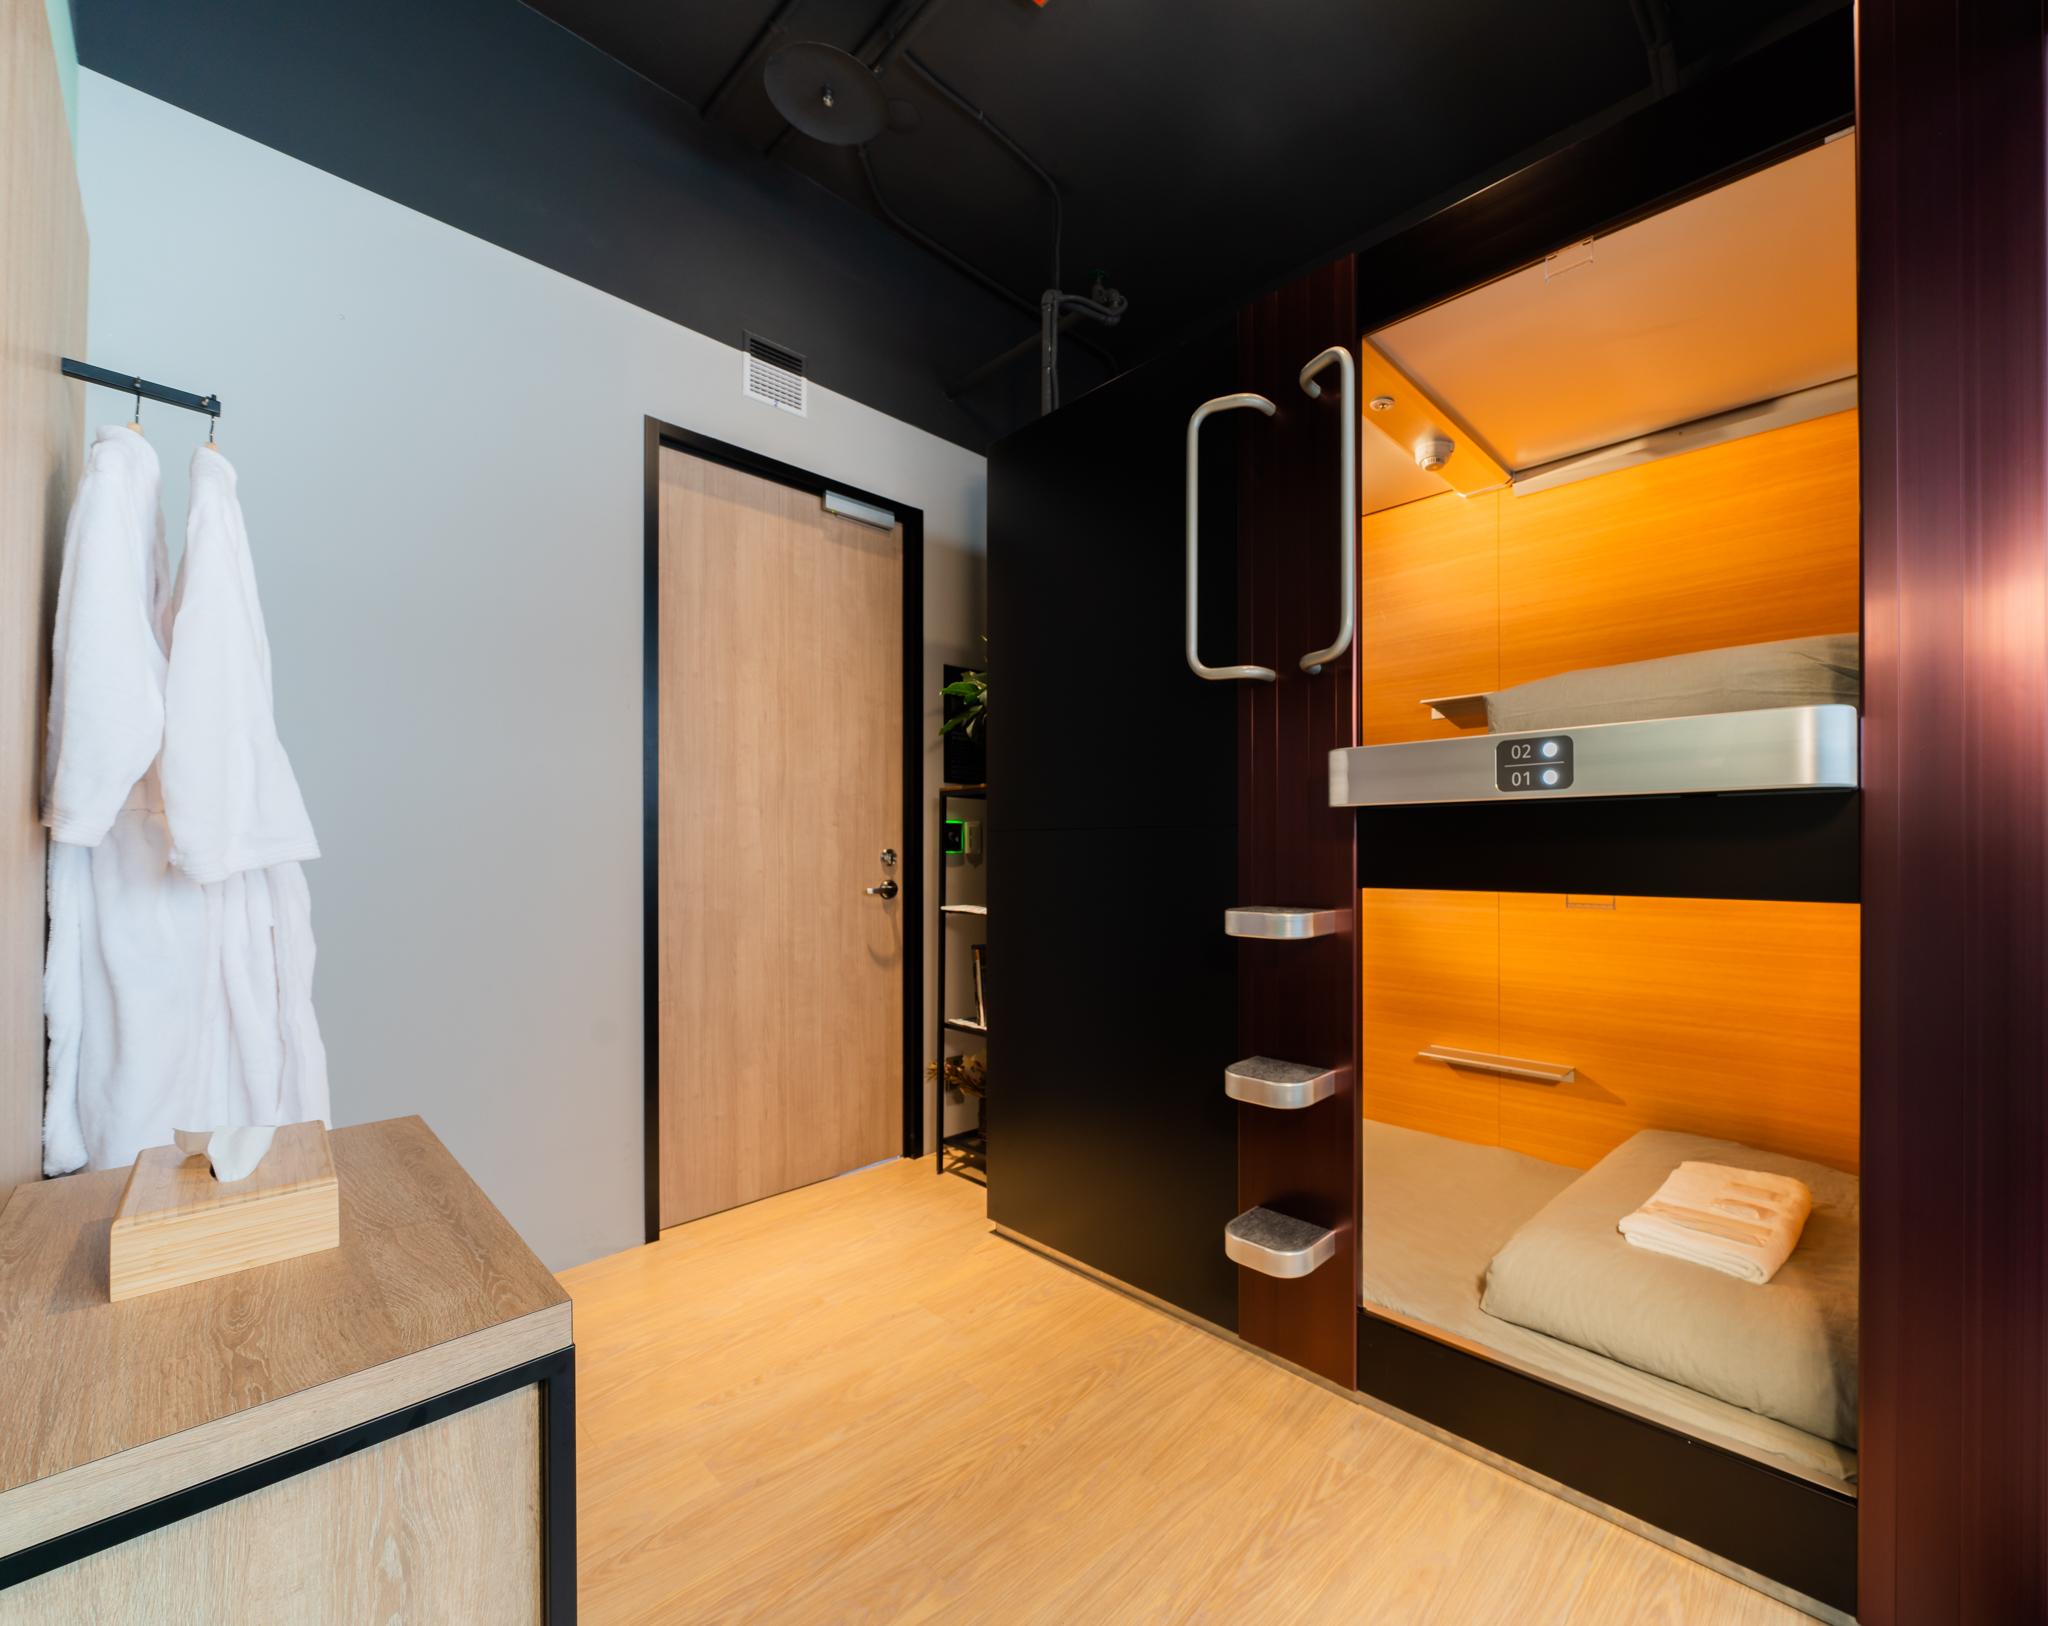 全球第一膠囊旅館品牌Kotobuki進駐台北